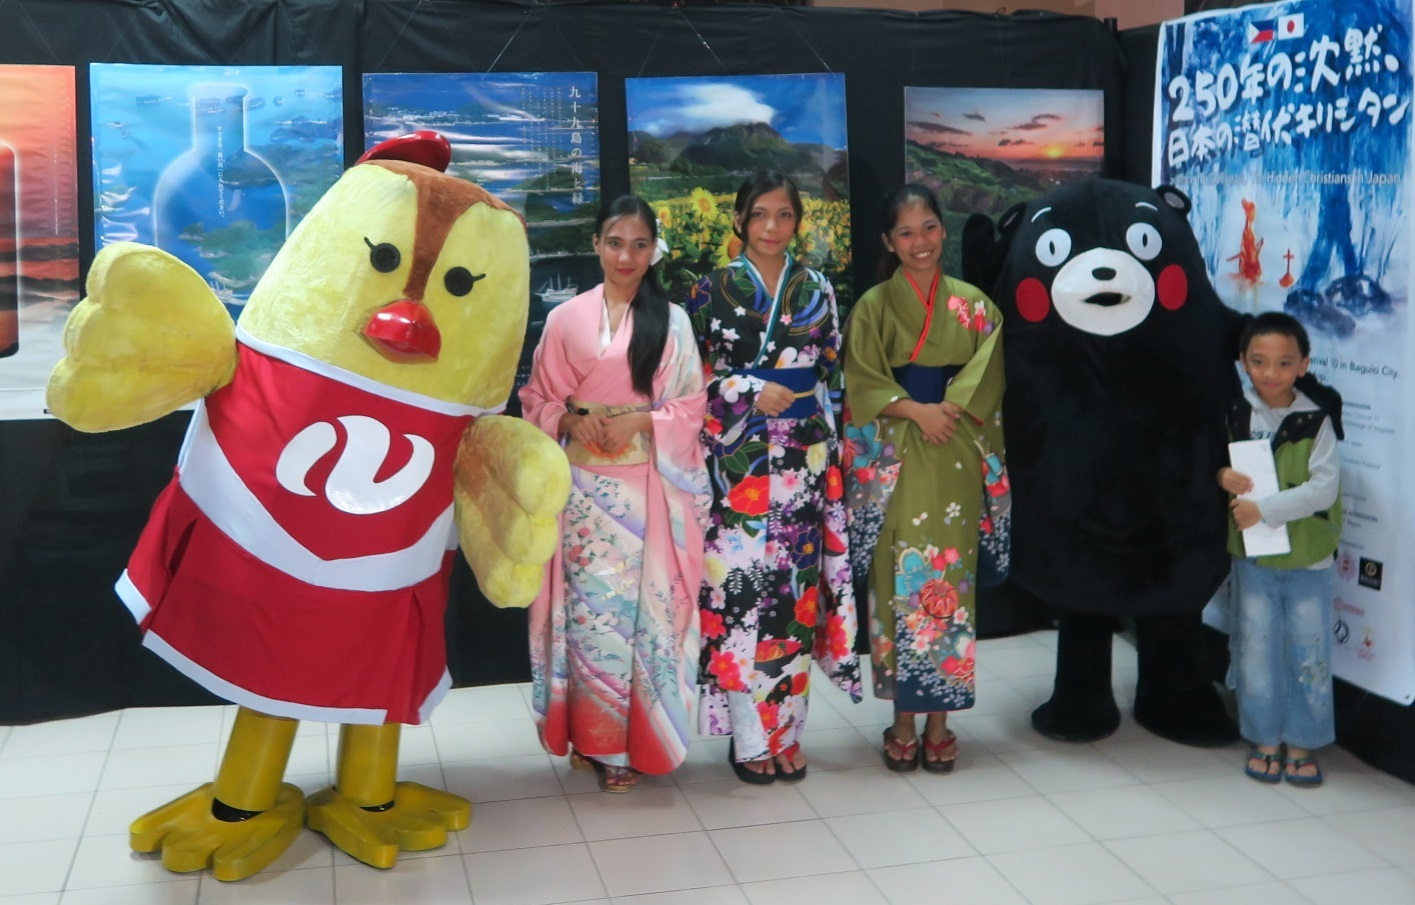 バギオ七夕祭10 Philippines-Japan Friendship month 2019  -その2- <長崎と天草地方の潜伏キリシタン関連・世界遺産 紹介コーナー>_a0109542_11570175.jpg